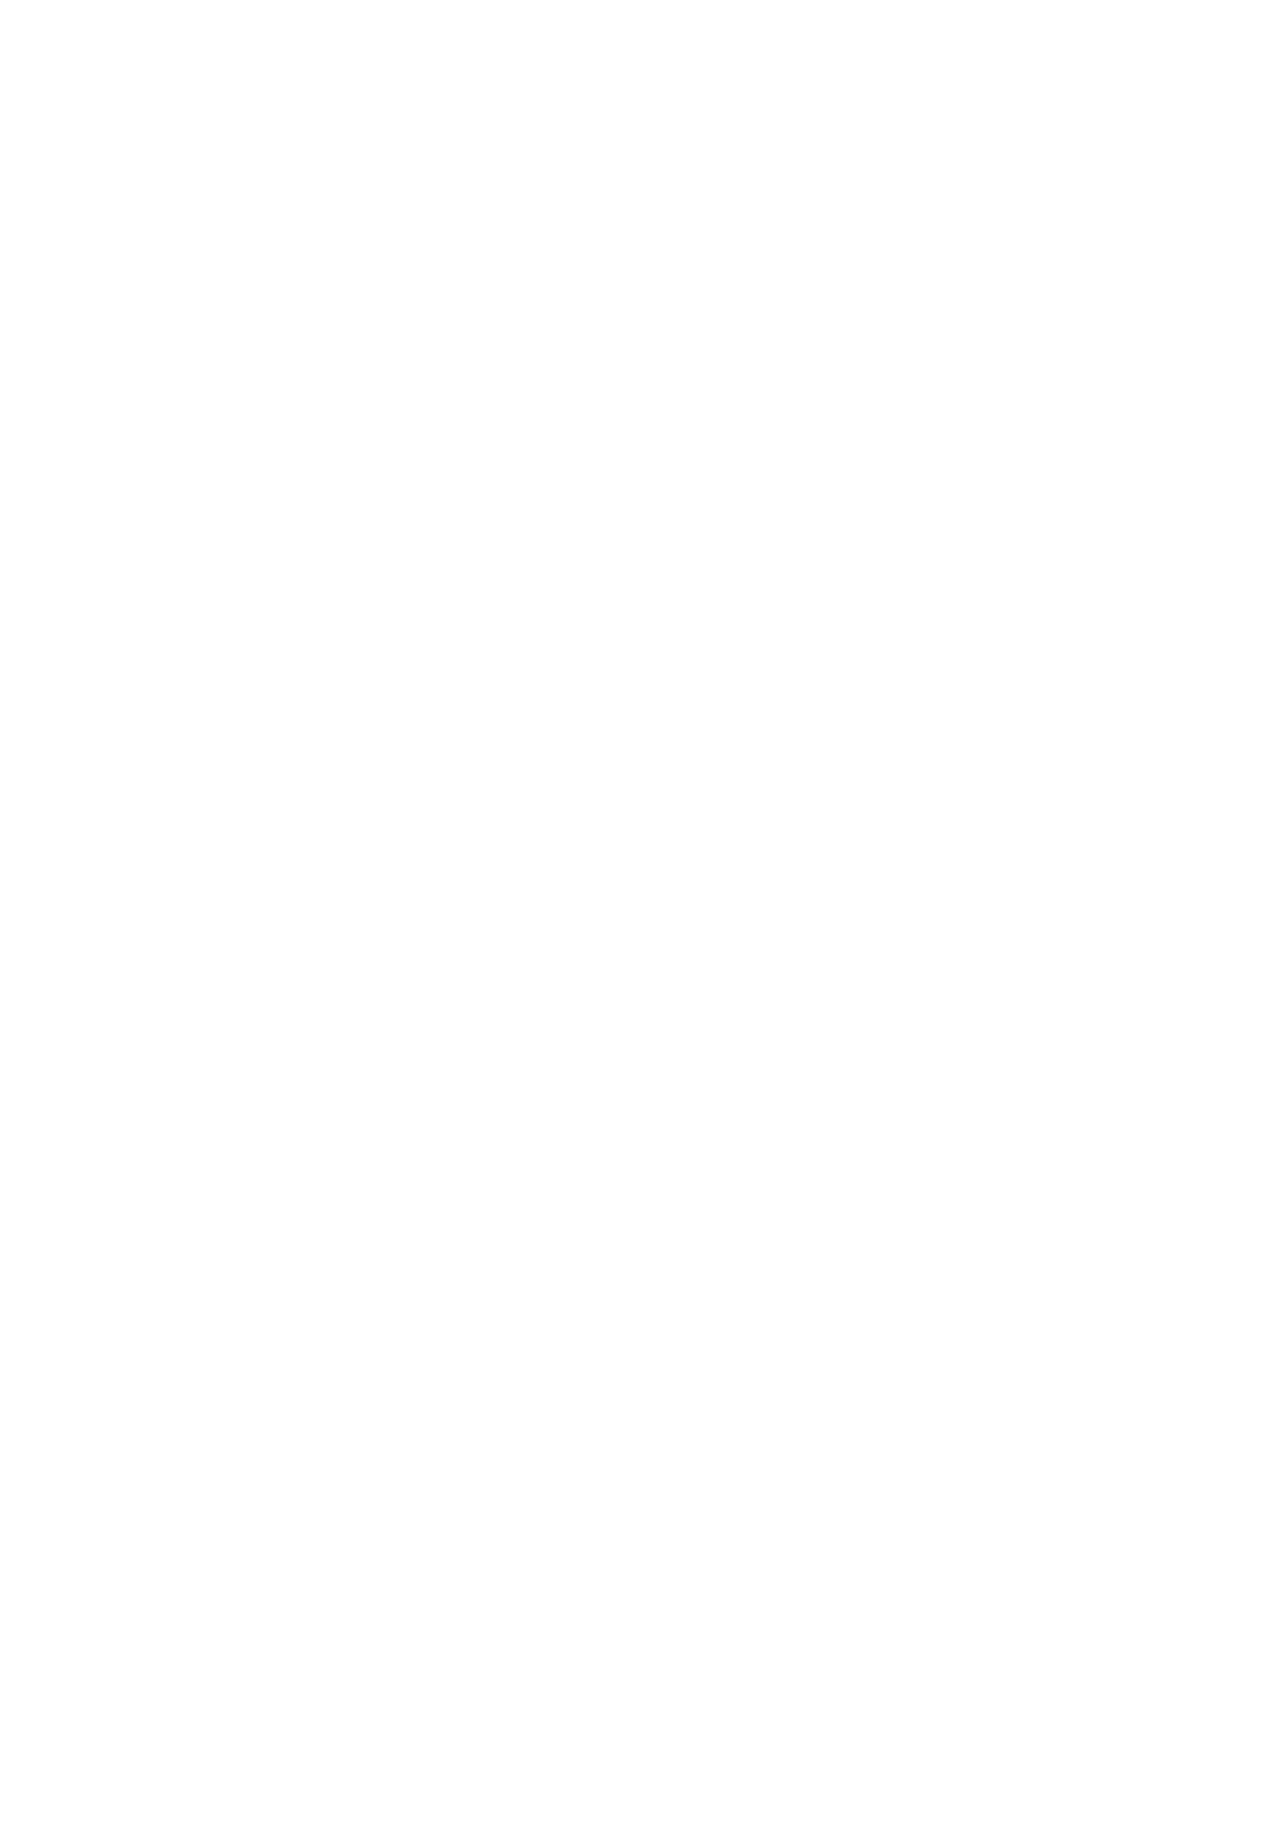 Fack DOLL Jibun no Onaho de Shikoshiko Shichau Vtuber 1